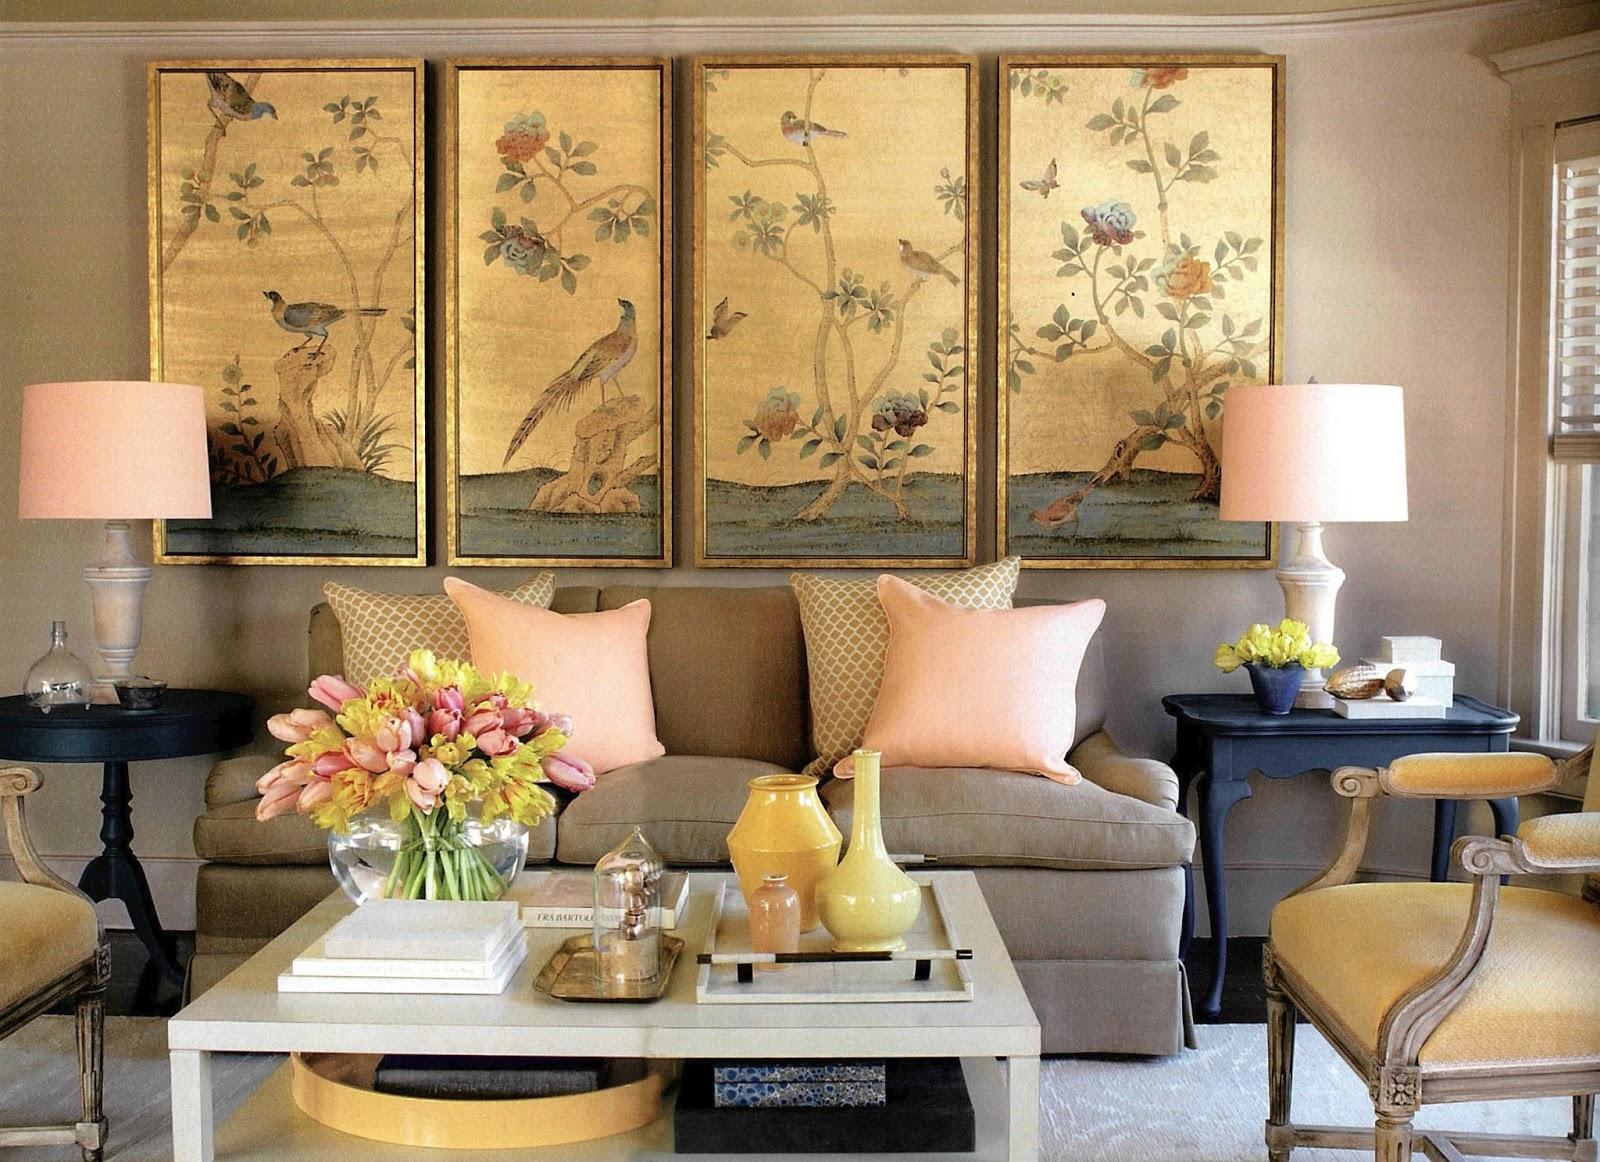 blog achados de decora o decora o paix o jogo dos 7 acertos decorativos nr 4. Black Bedroom Furniture Sets. Home Design Ideas